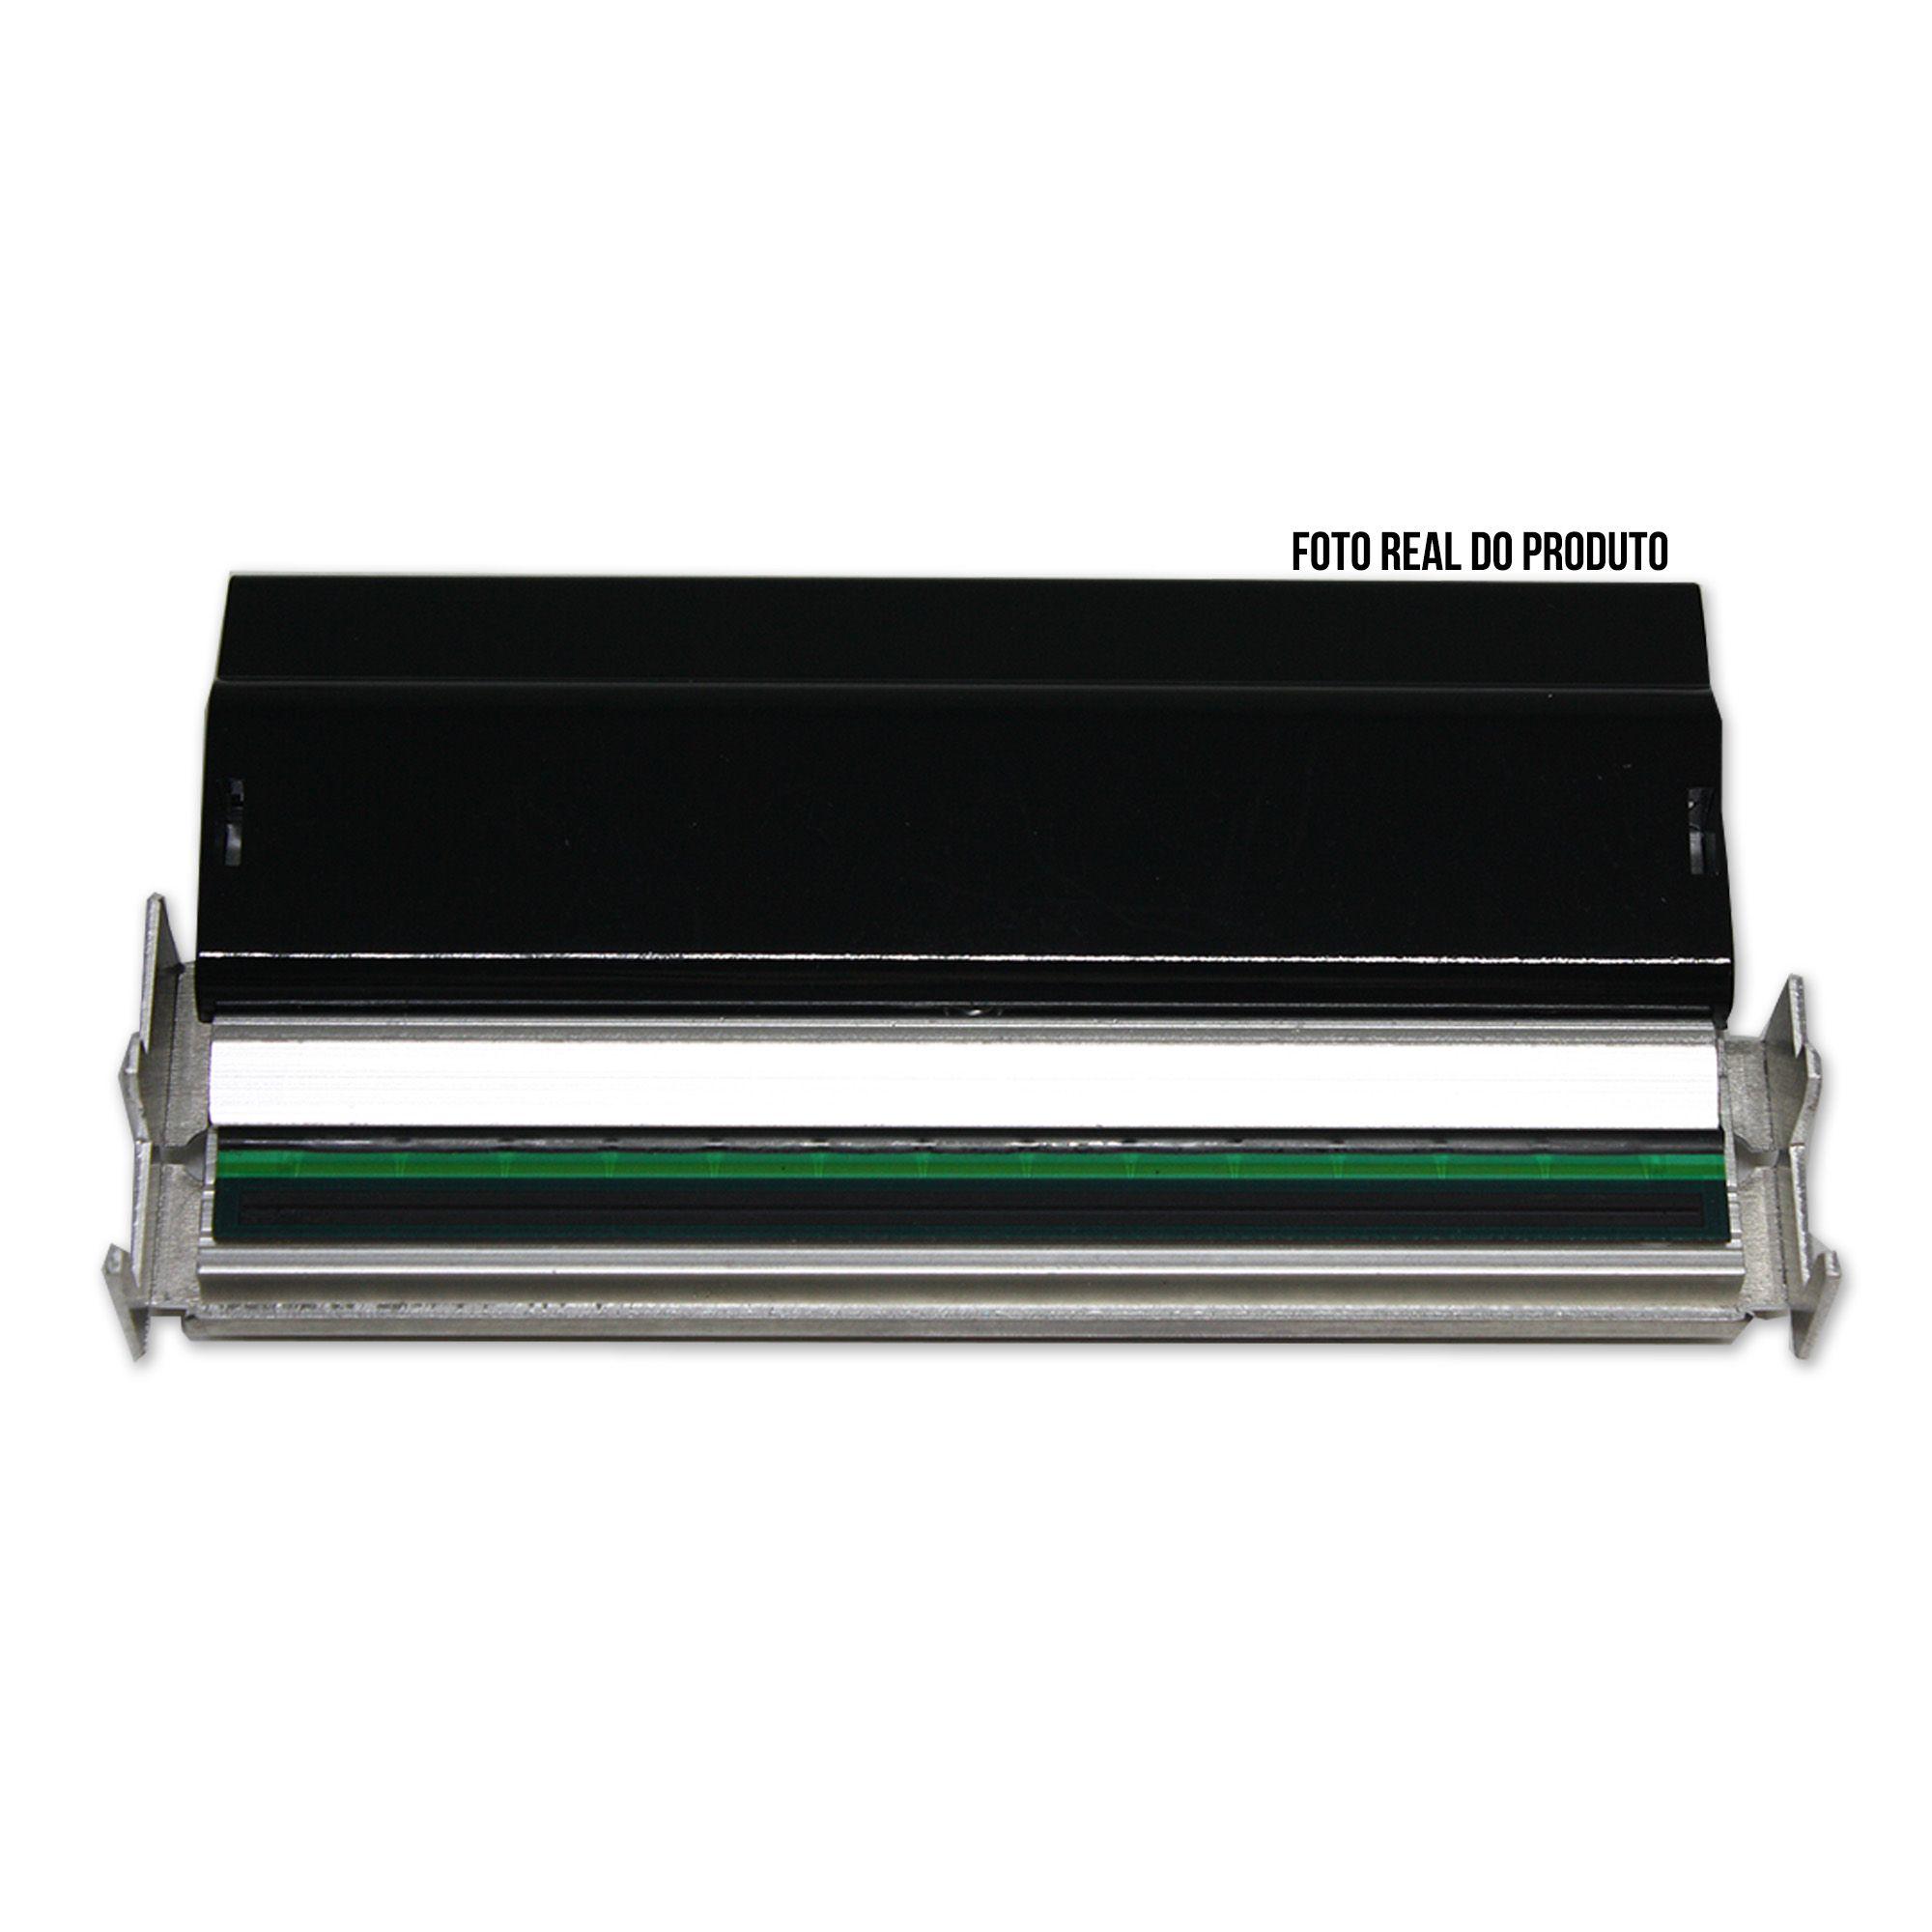 Cabeça de Impressão Zebra Z4M 203 dpi P/N G79056-1M